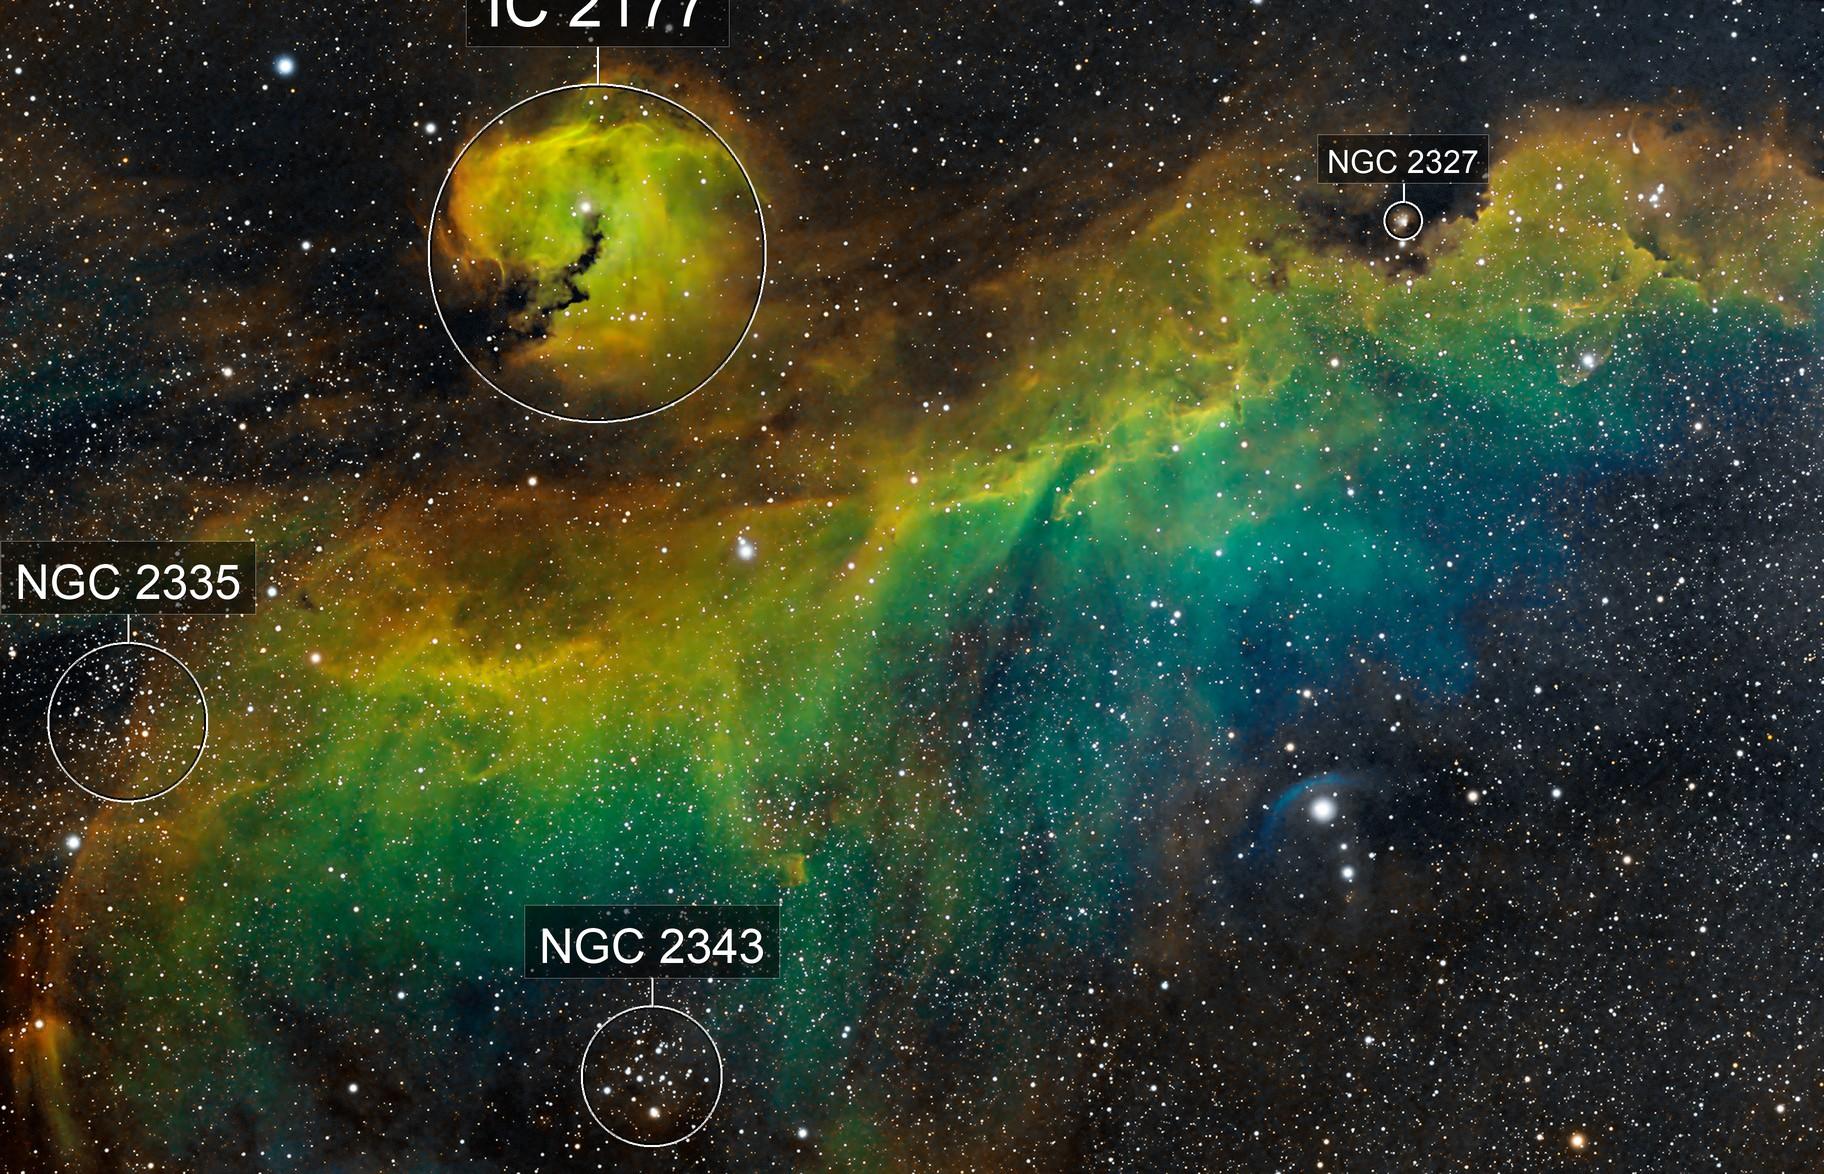 IC 2177 - Seagull Nebula RGBHSO